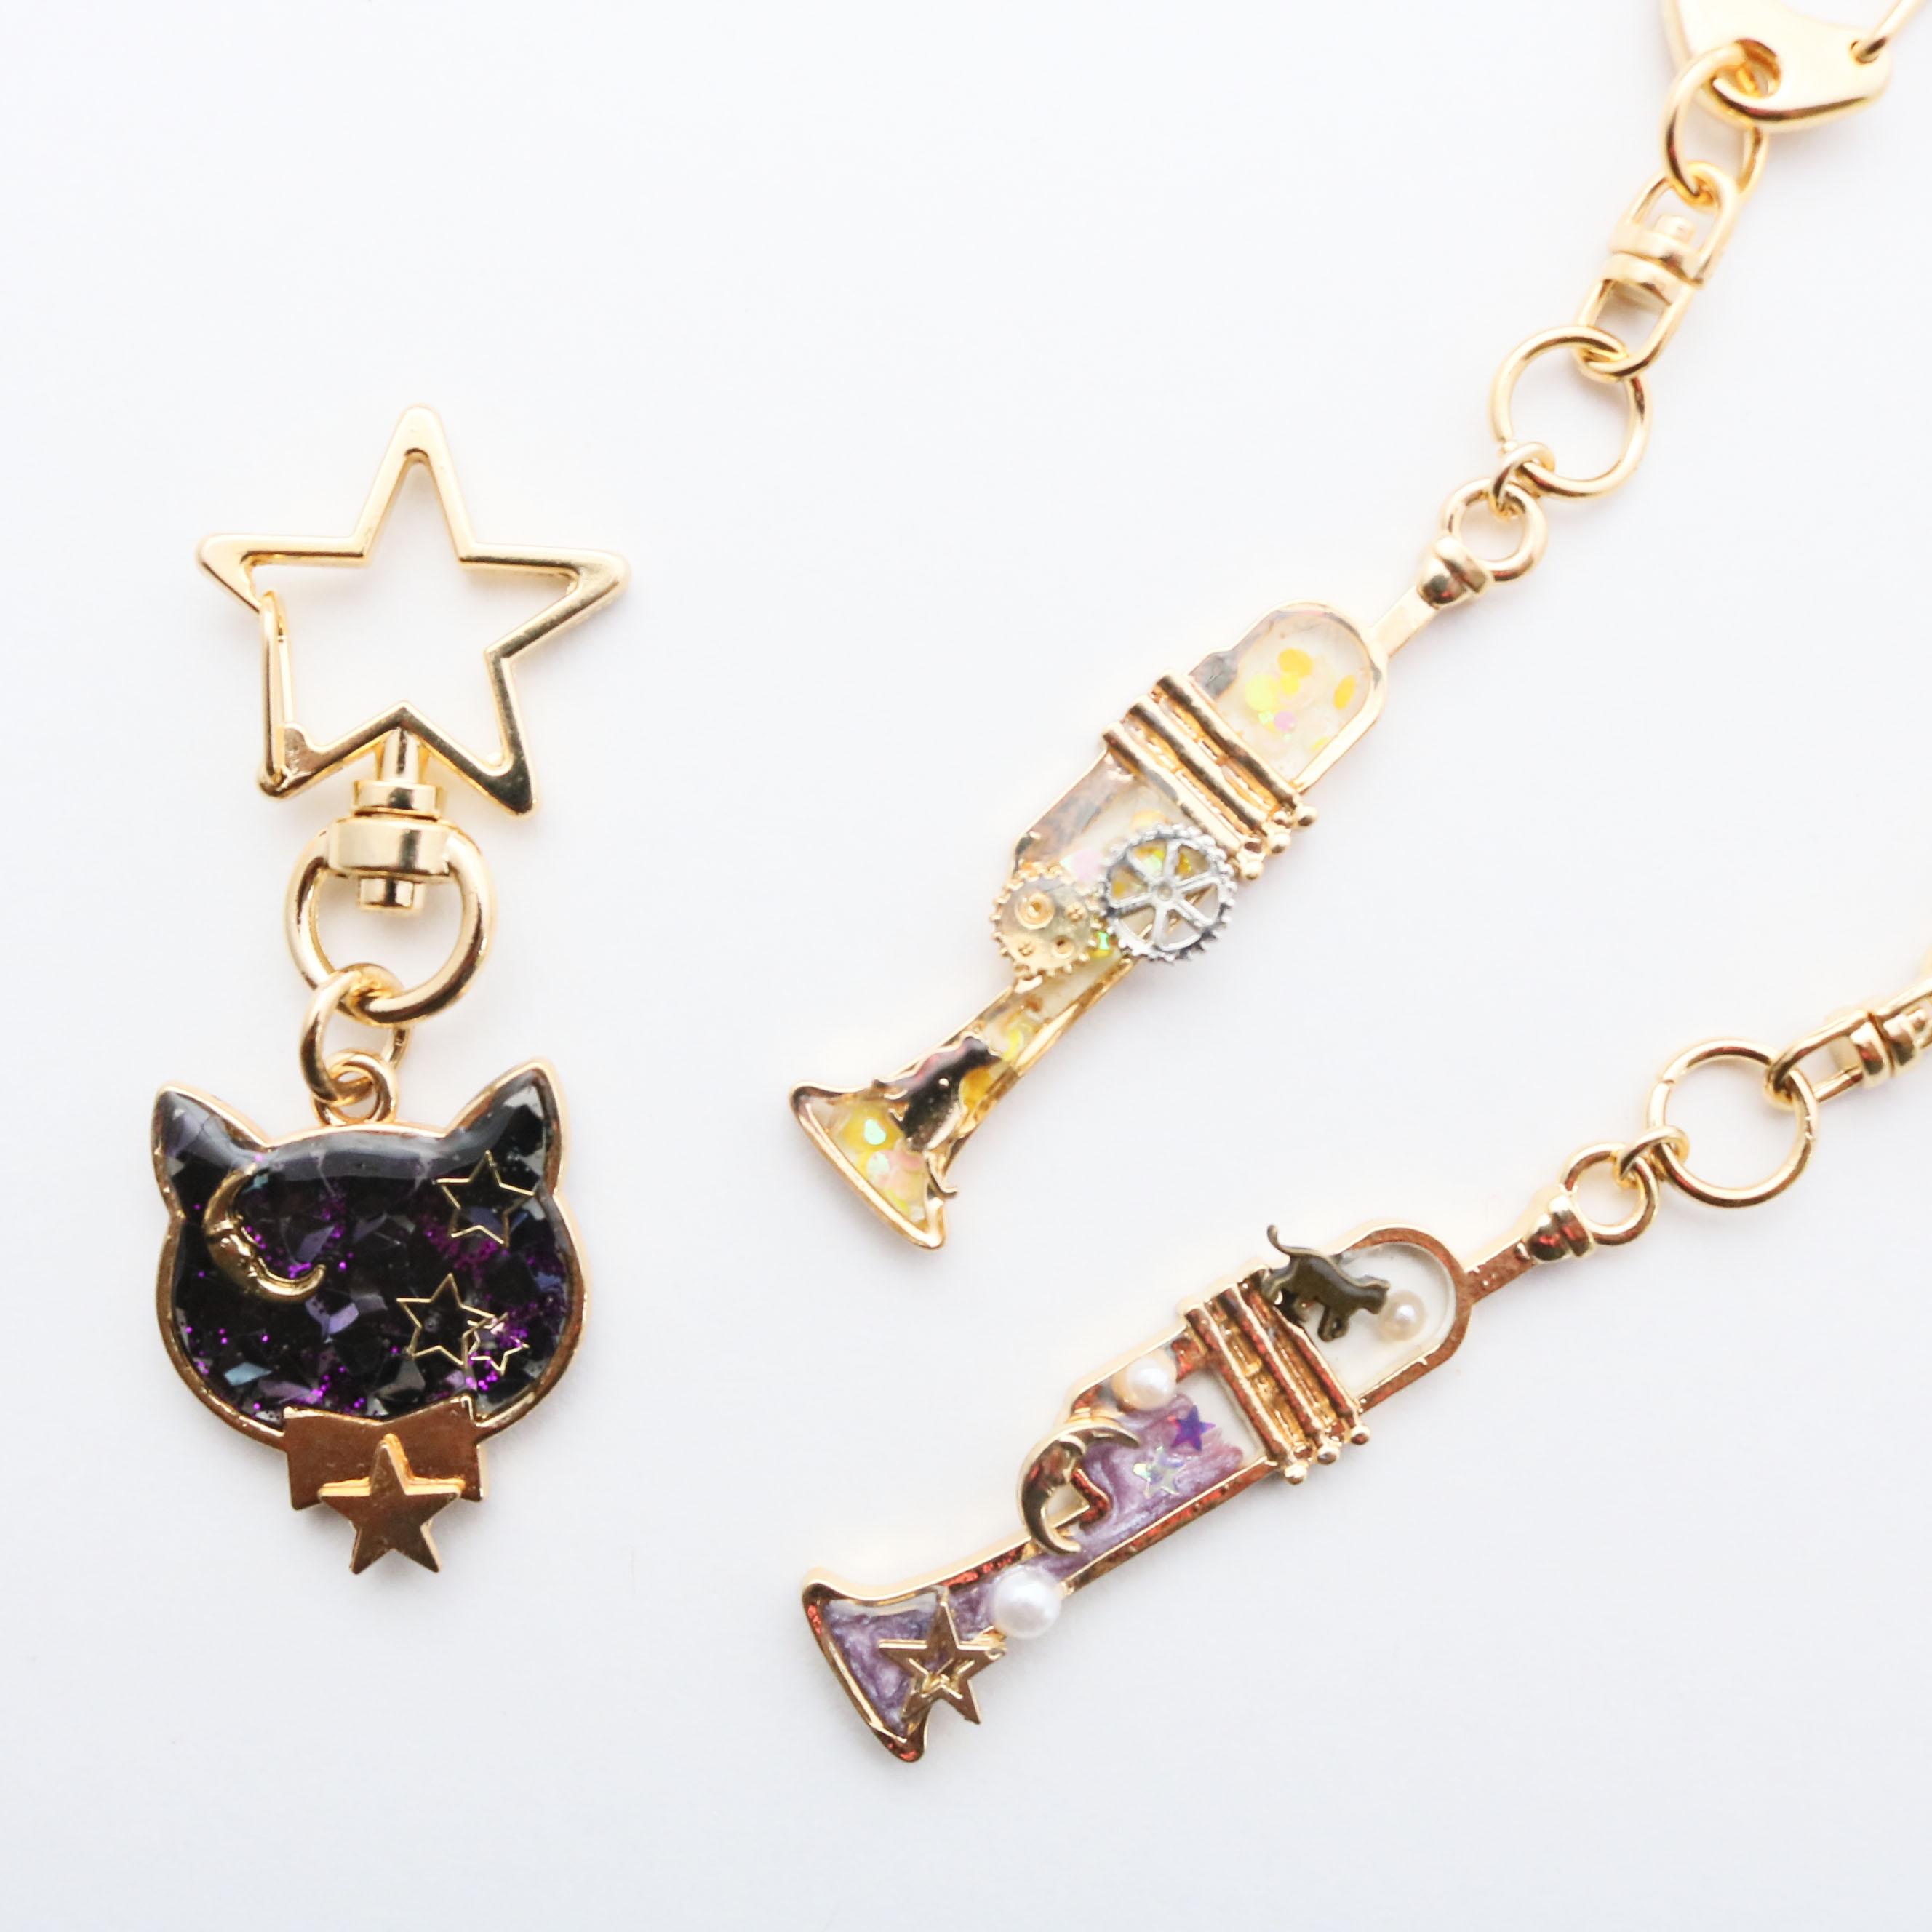 猫雑貨 猫グッズ 秋田 かぎしっぽ ハンドメイド アクセサリー ピアス イヤリング キーホルダー